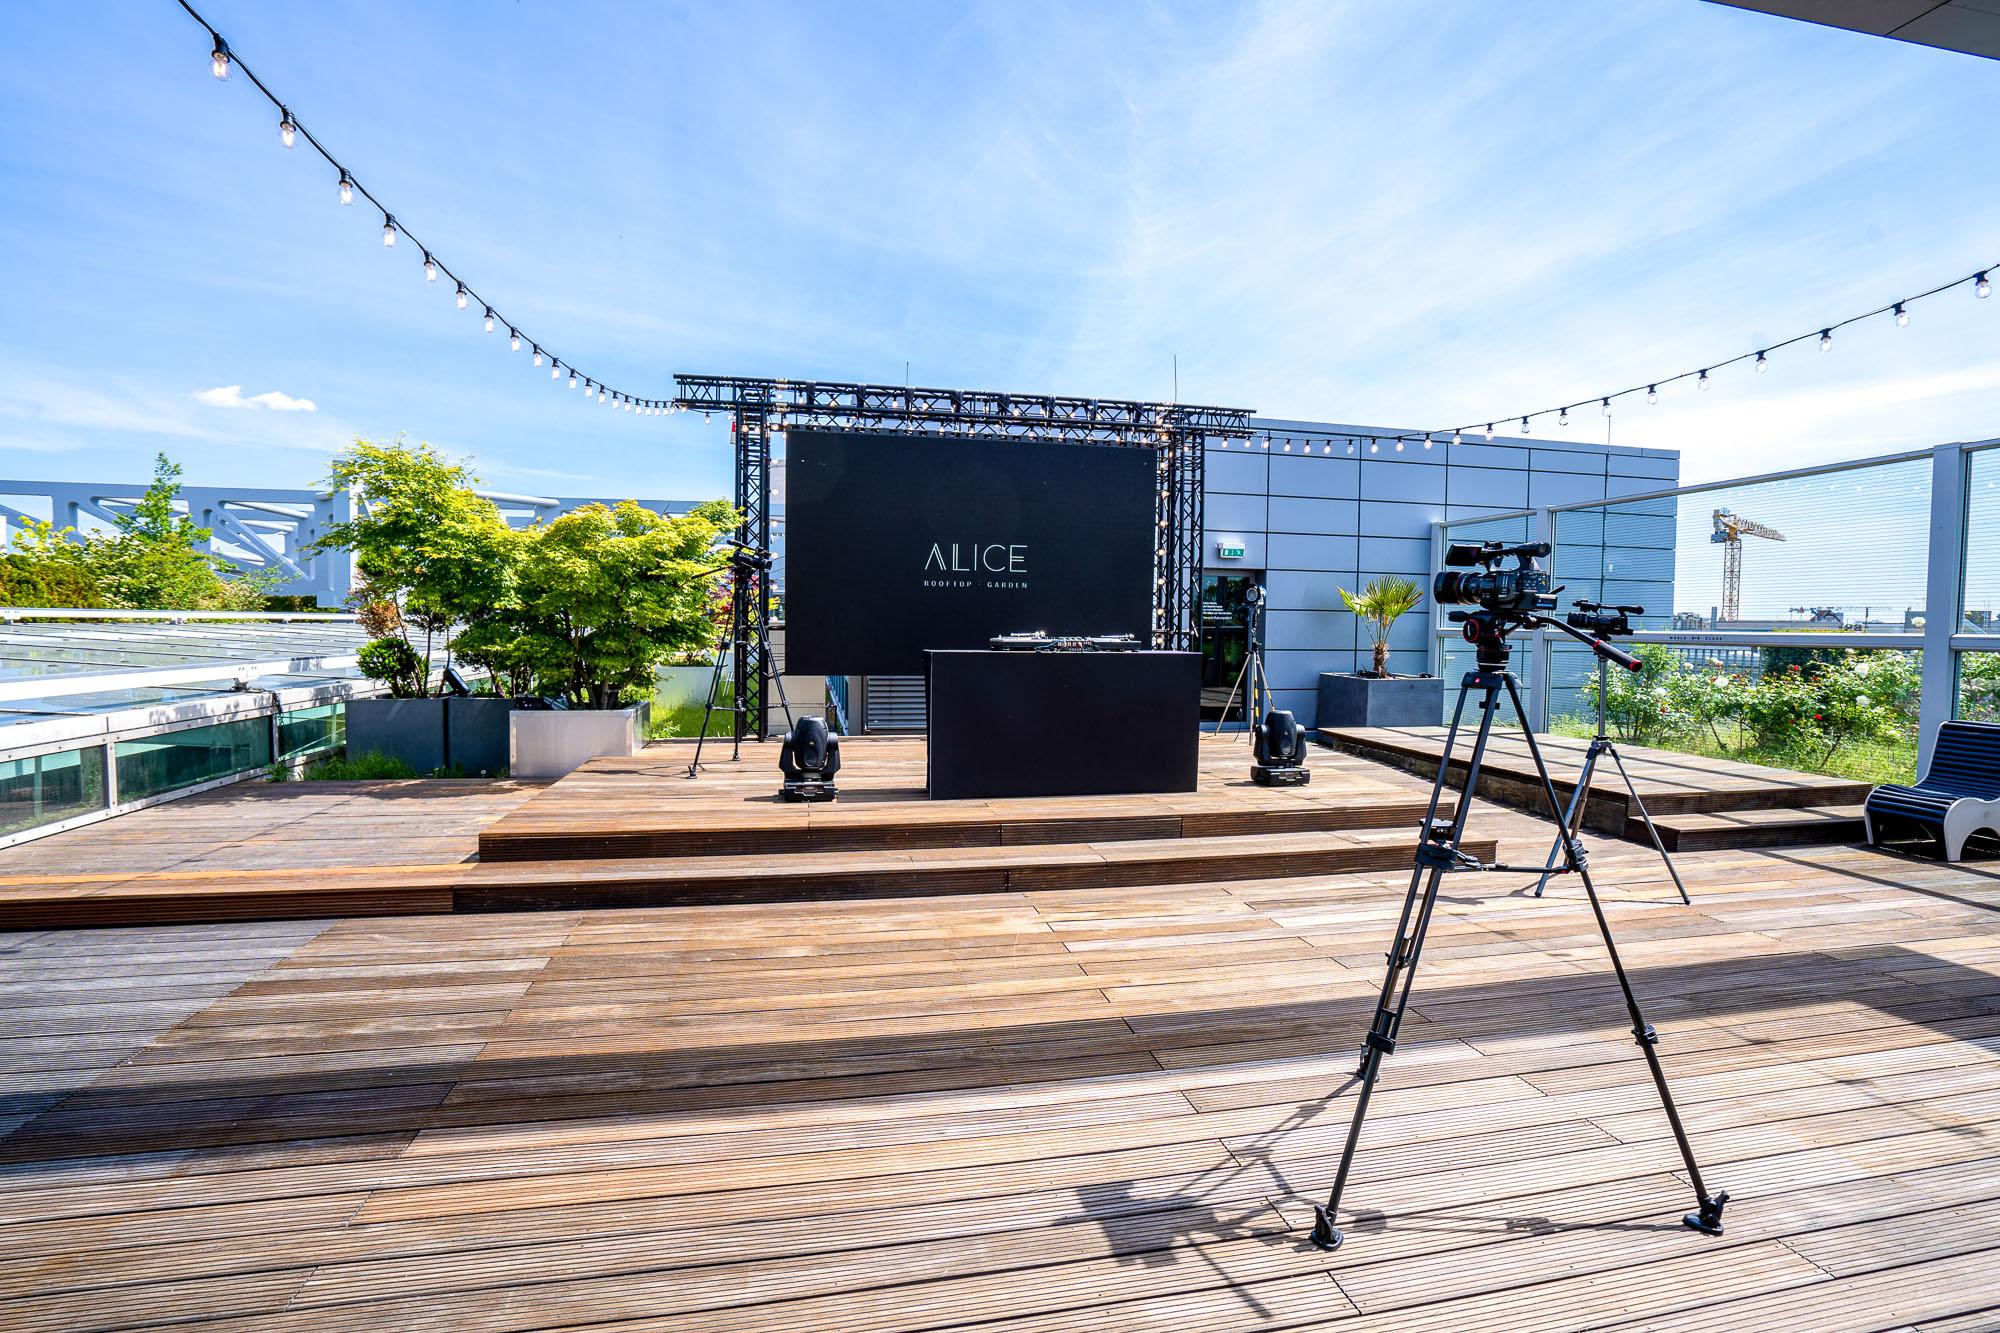 Live-Streaming Studio in Berlin